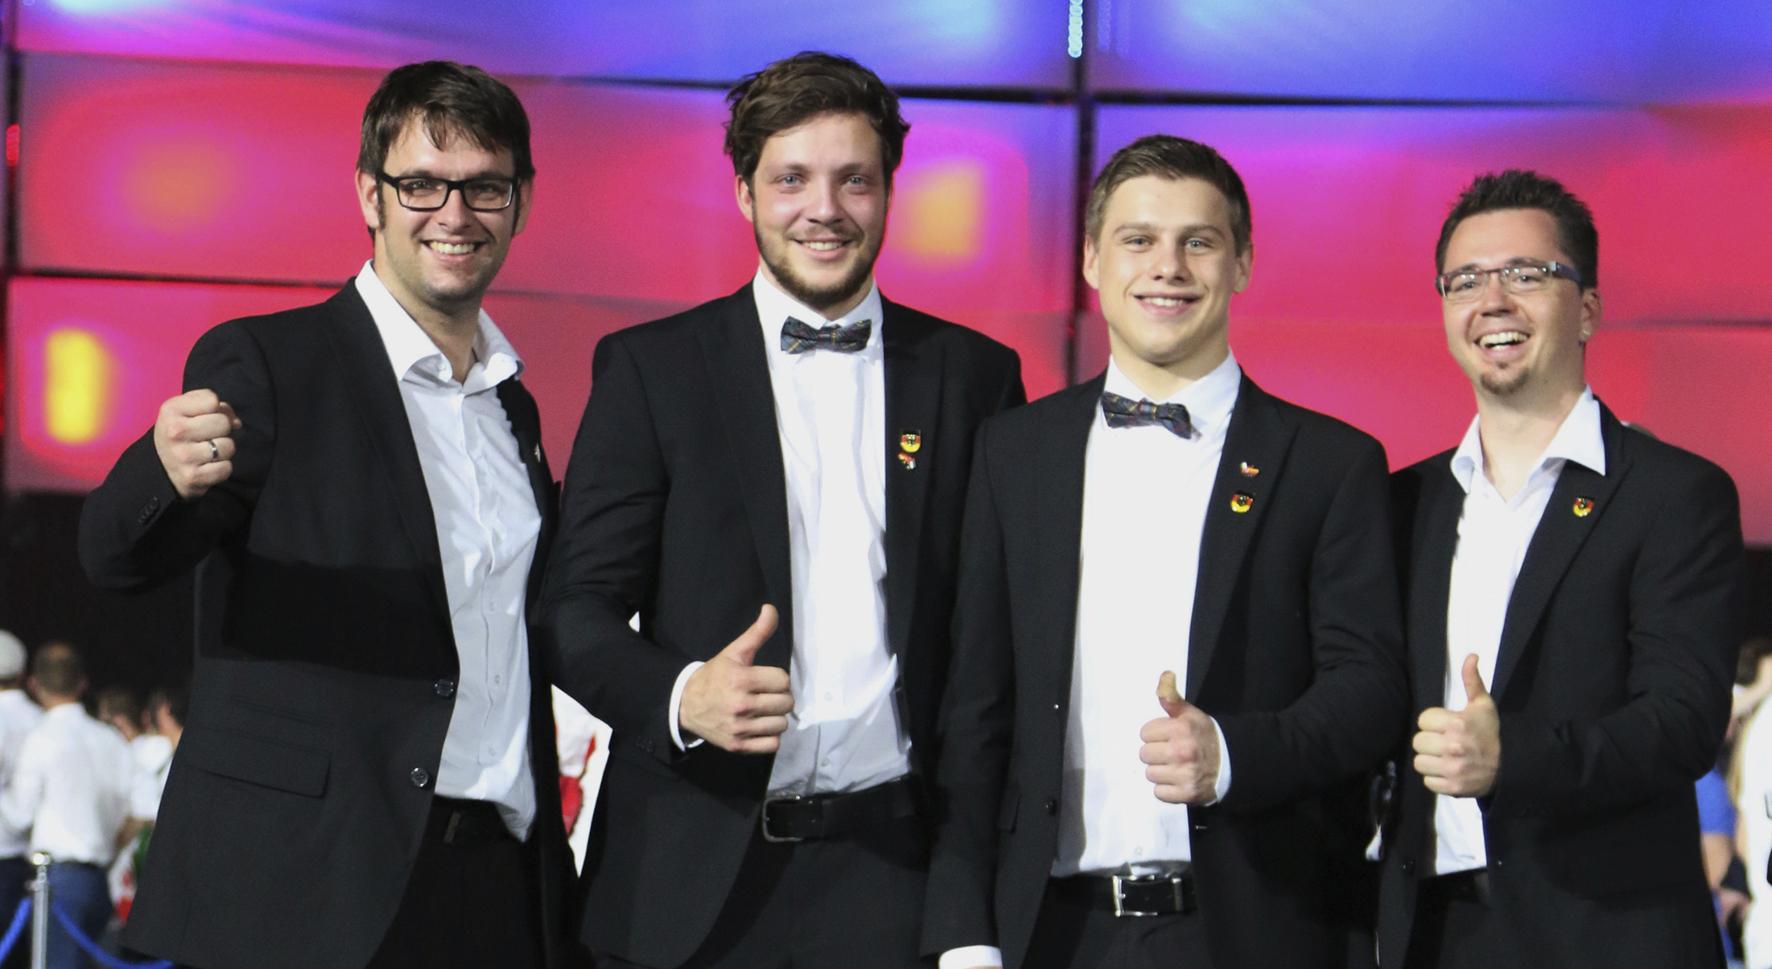 PM_TSD_10_2017_1_Tischer-Schreiner-Nationalteam_bei_der_Siegerehrung1.jpg